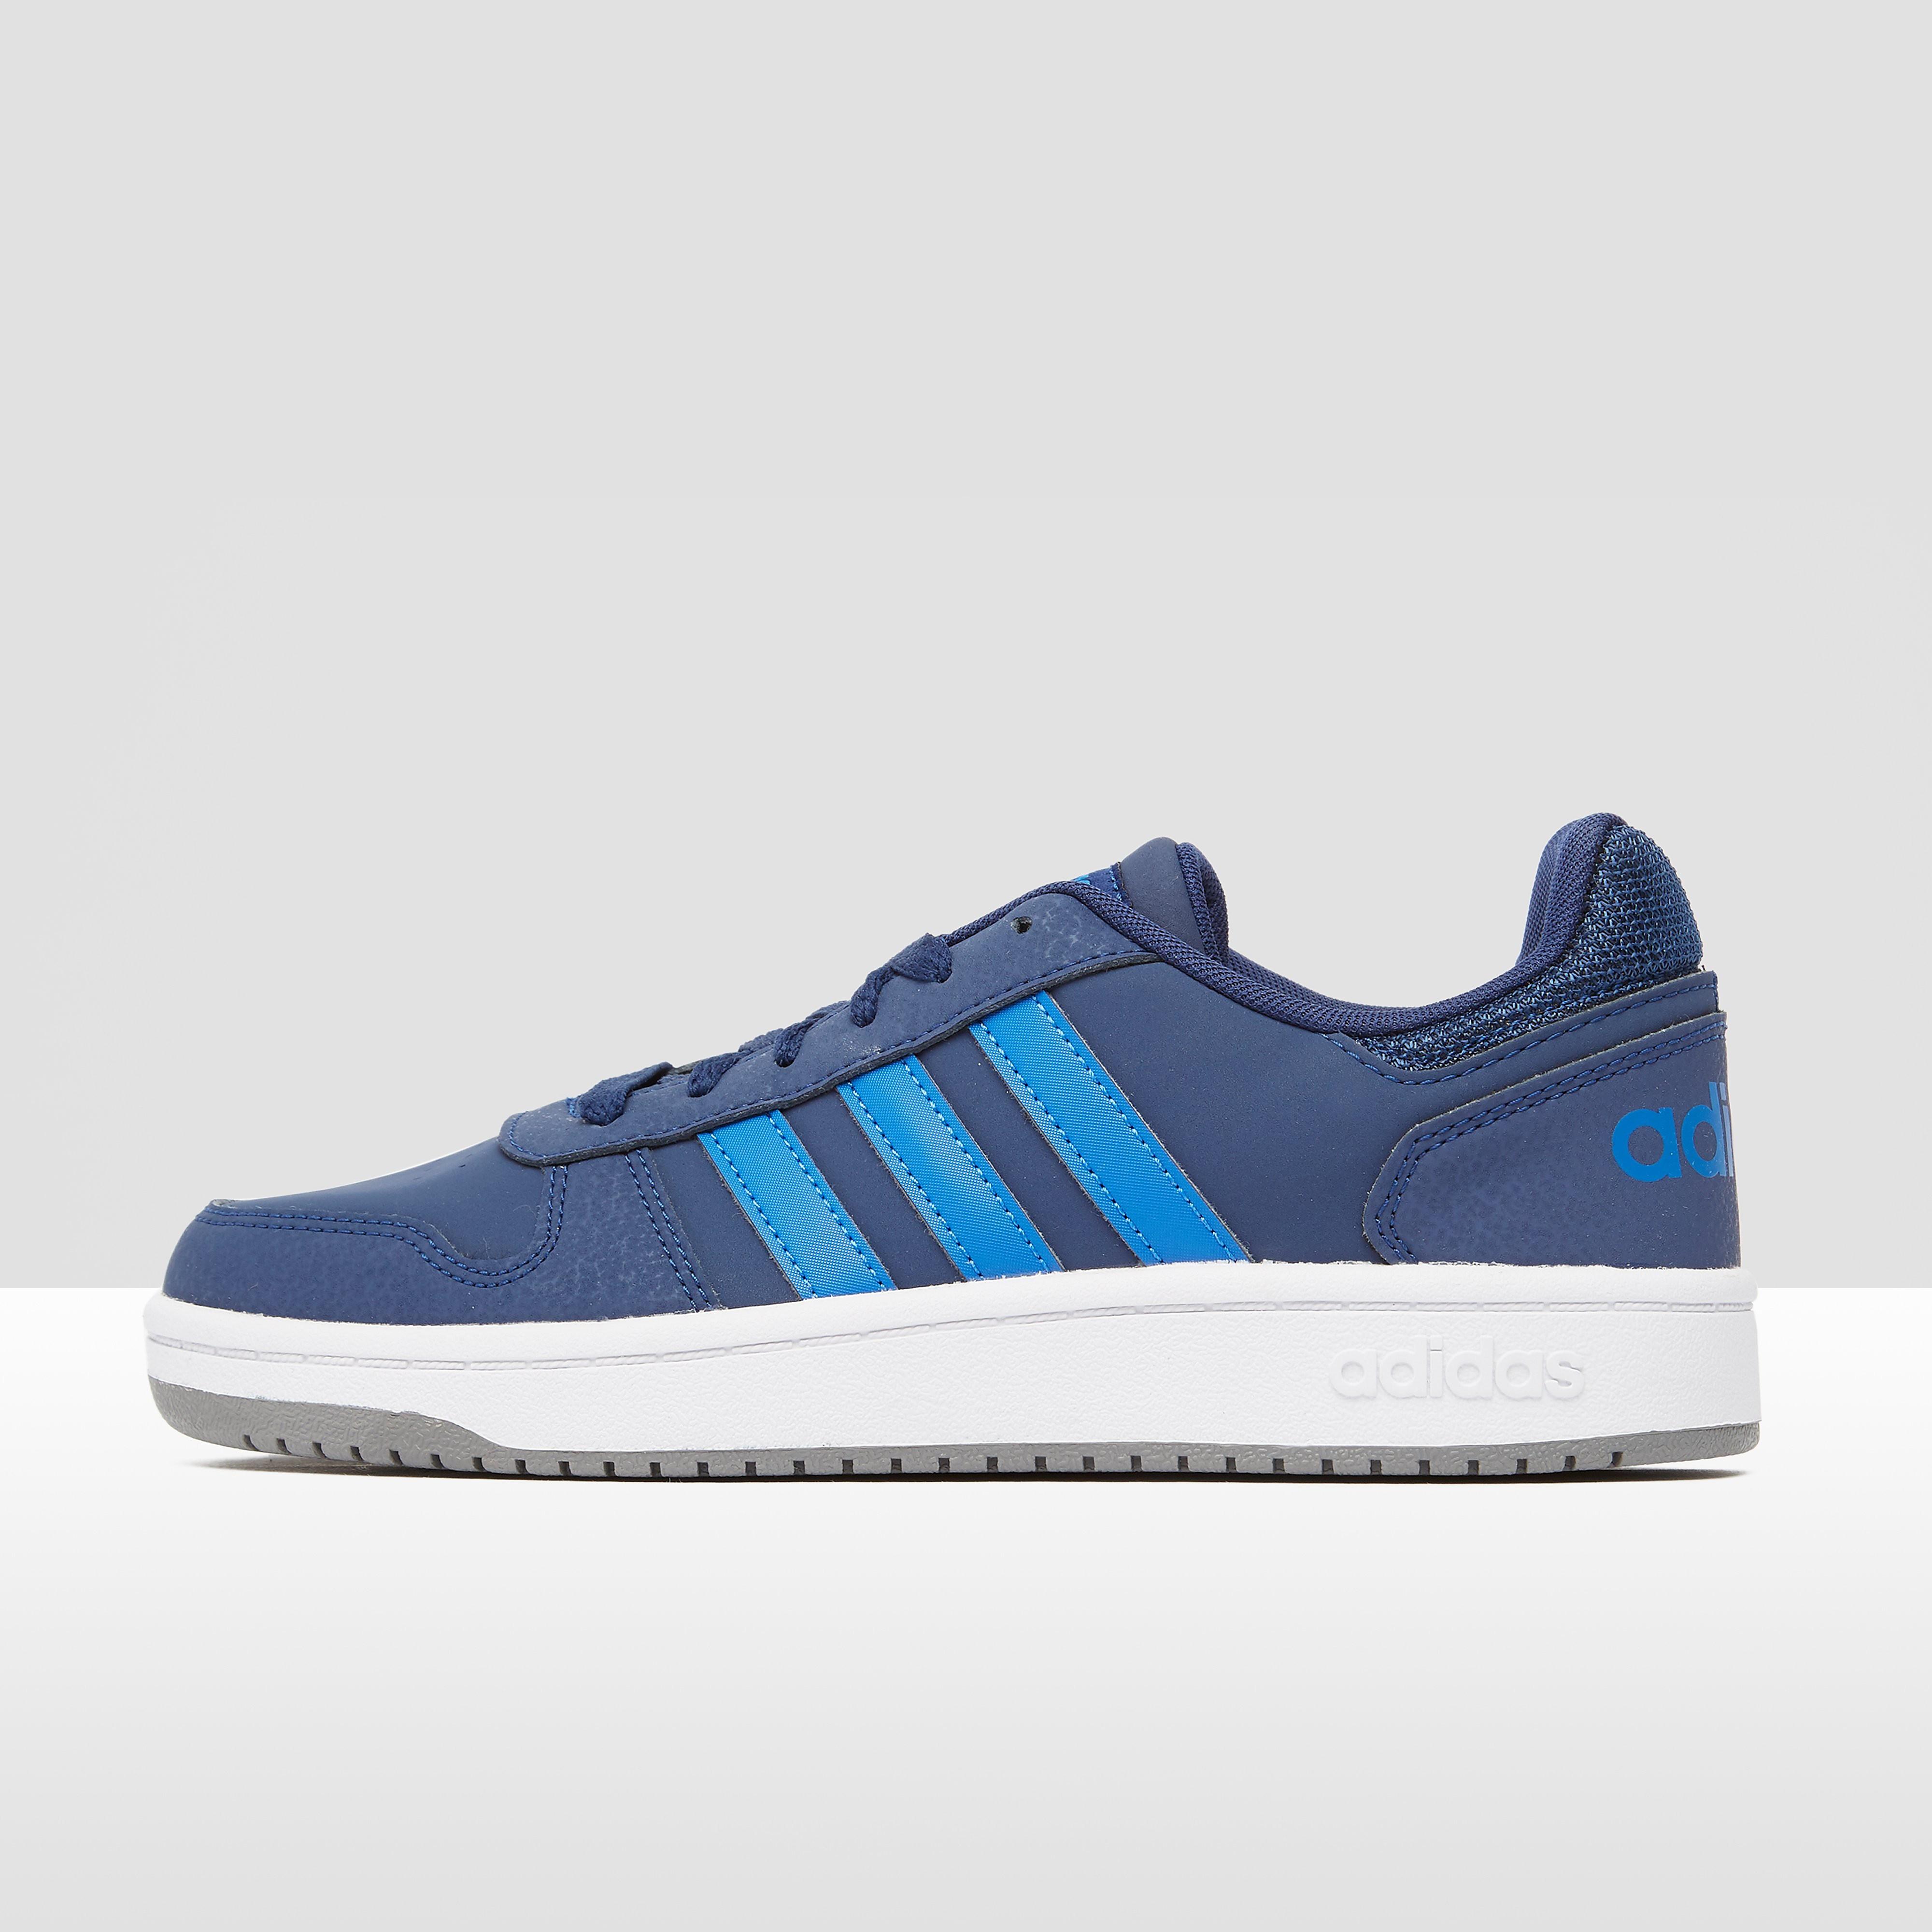 Adidas hoops 2.0 k